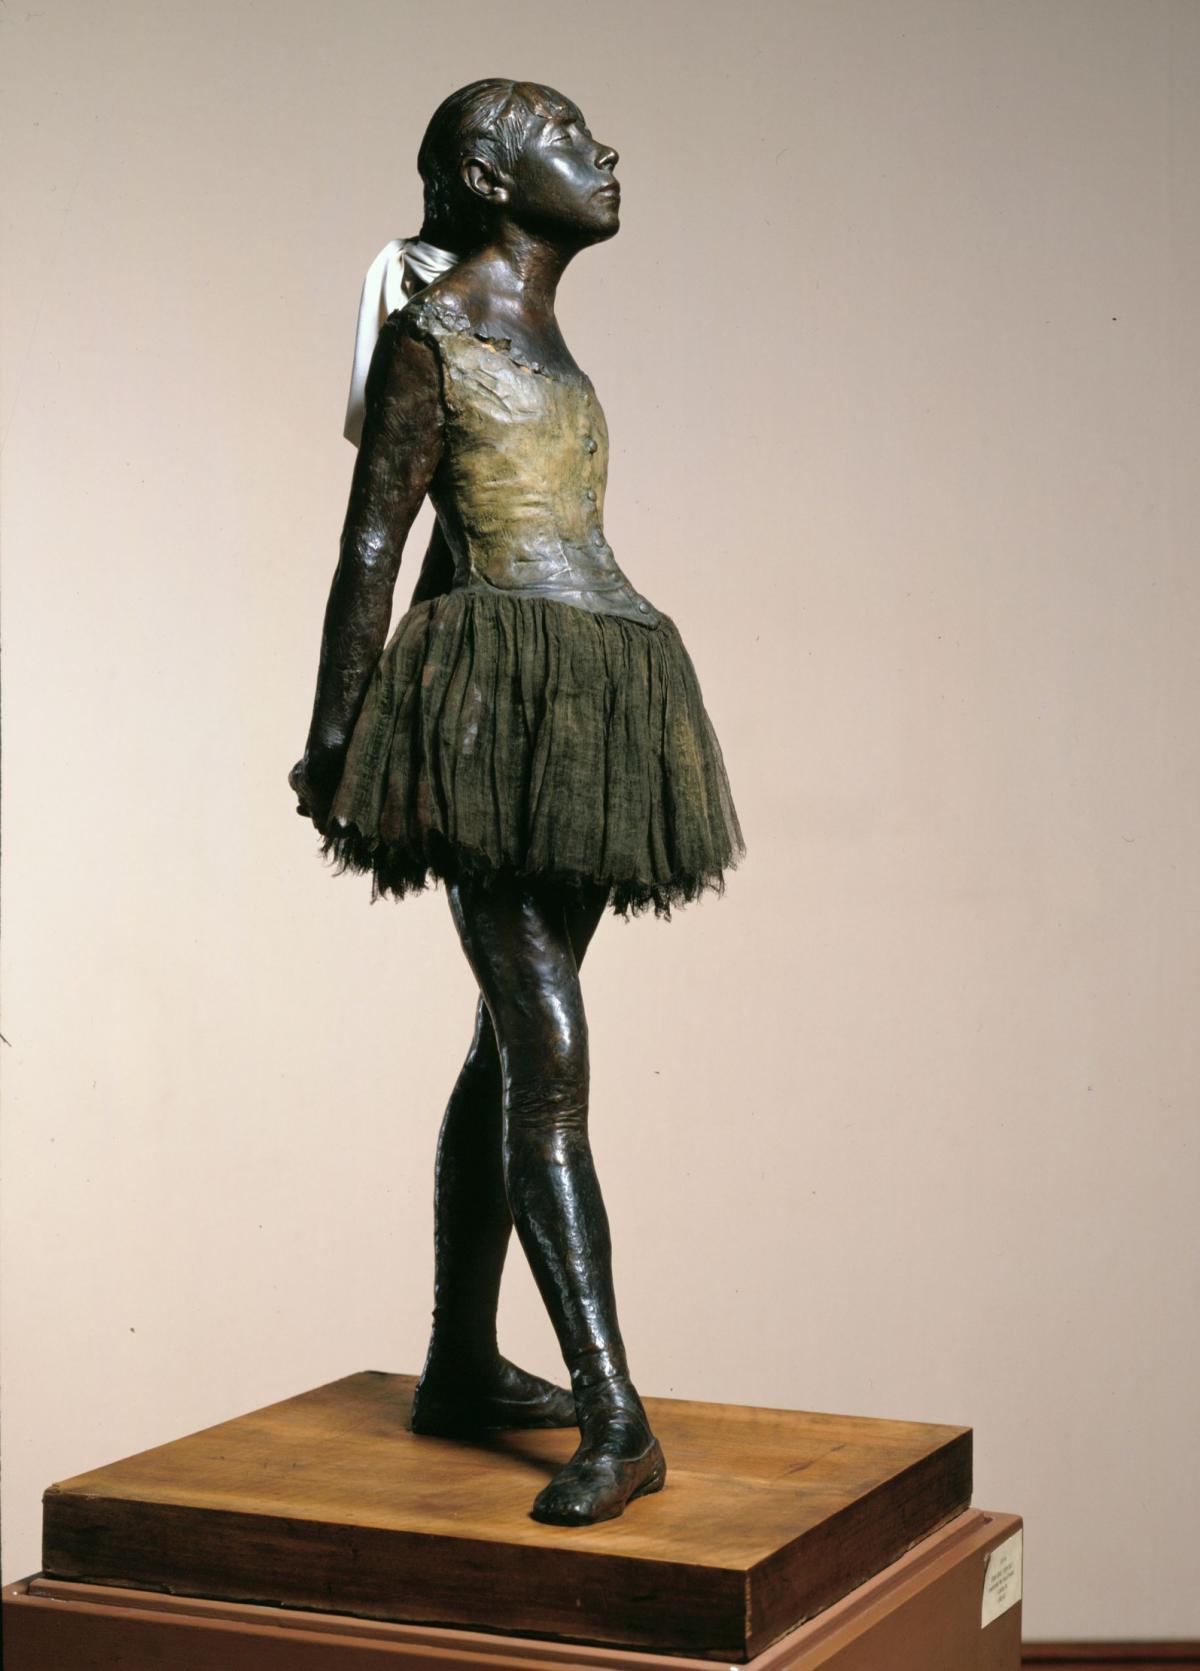 《十四岁的芭蕾舞女》是一件青铜雕塑,身高98